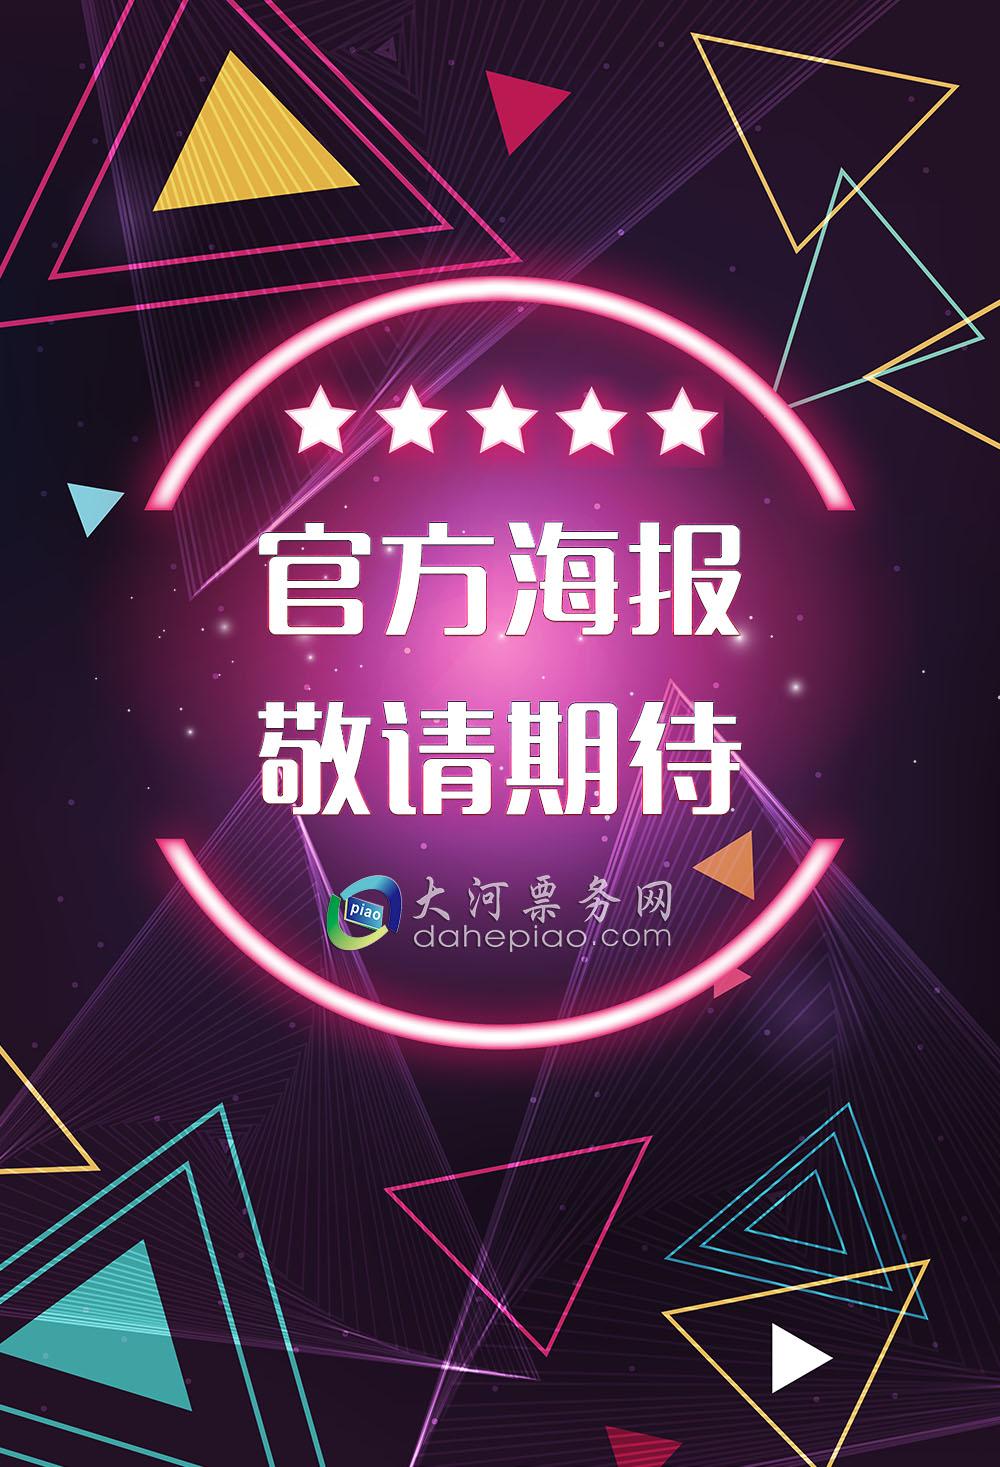 杨坤深圳演唱会